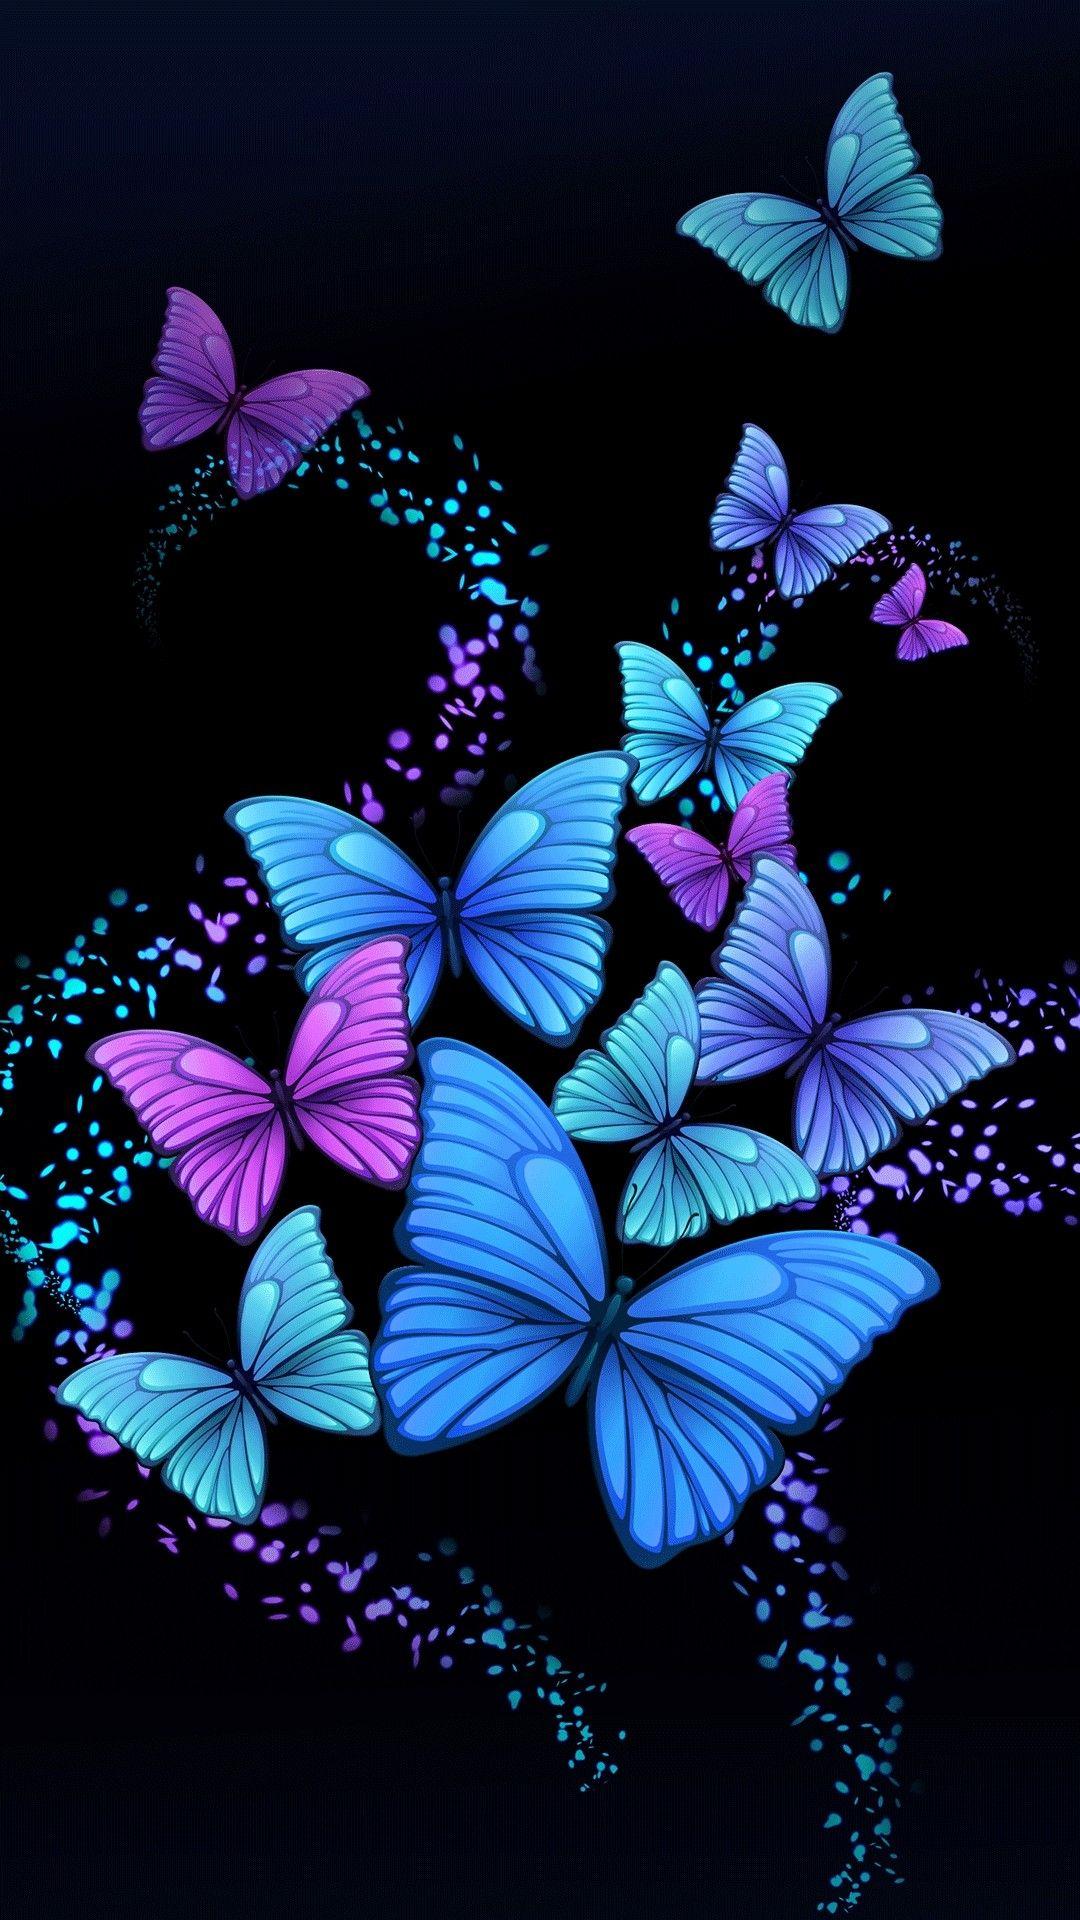 Супер красивые картинки на телефон с бабочками